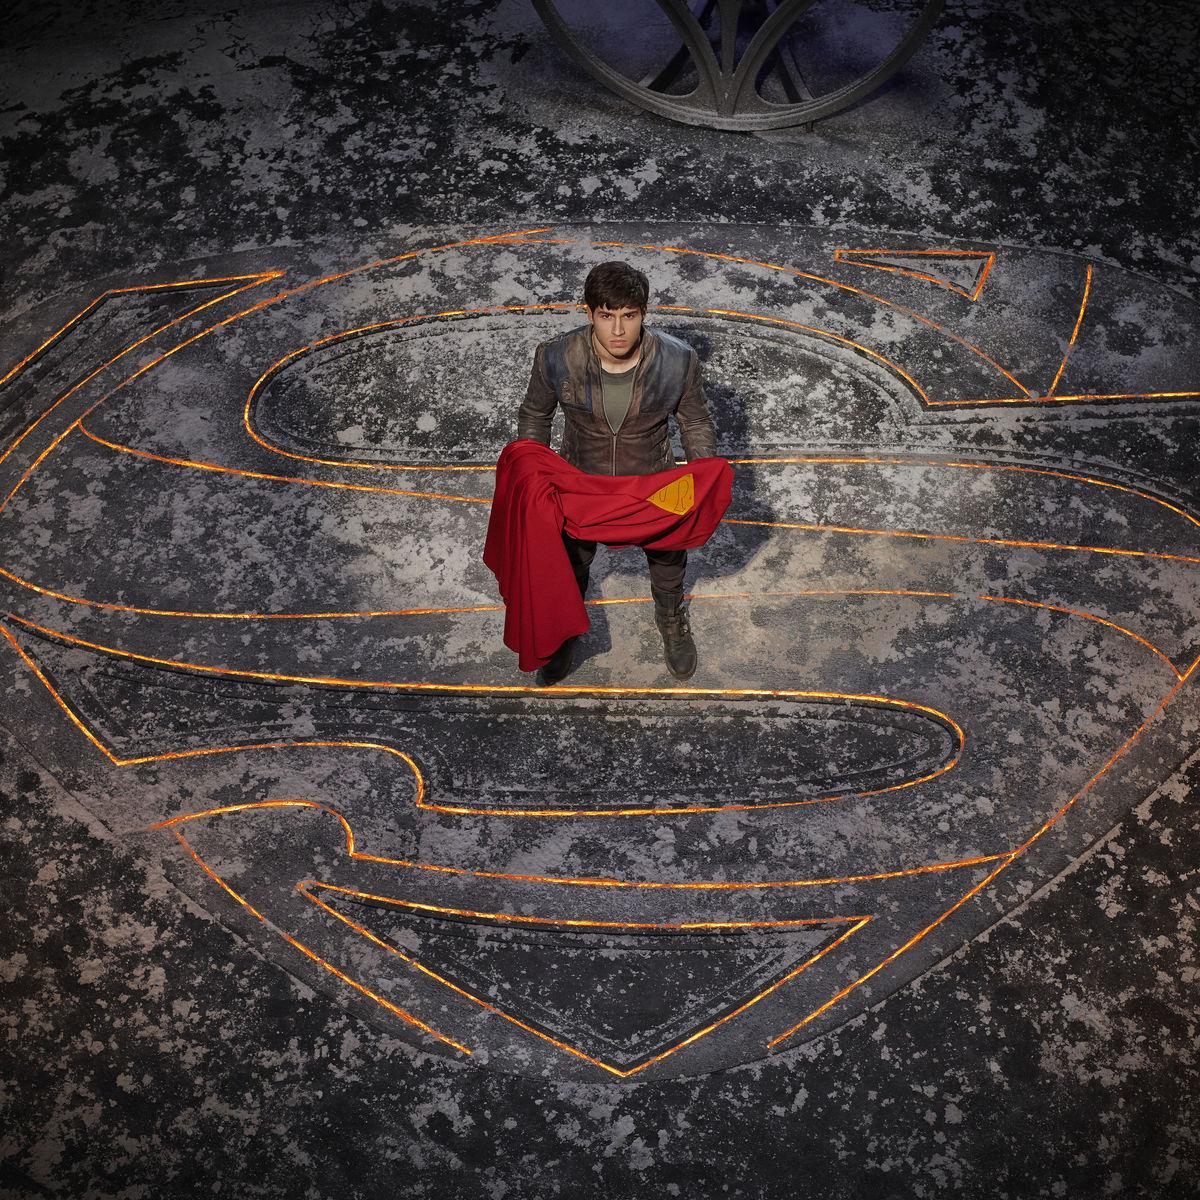 Krypton insignia, cape